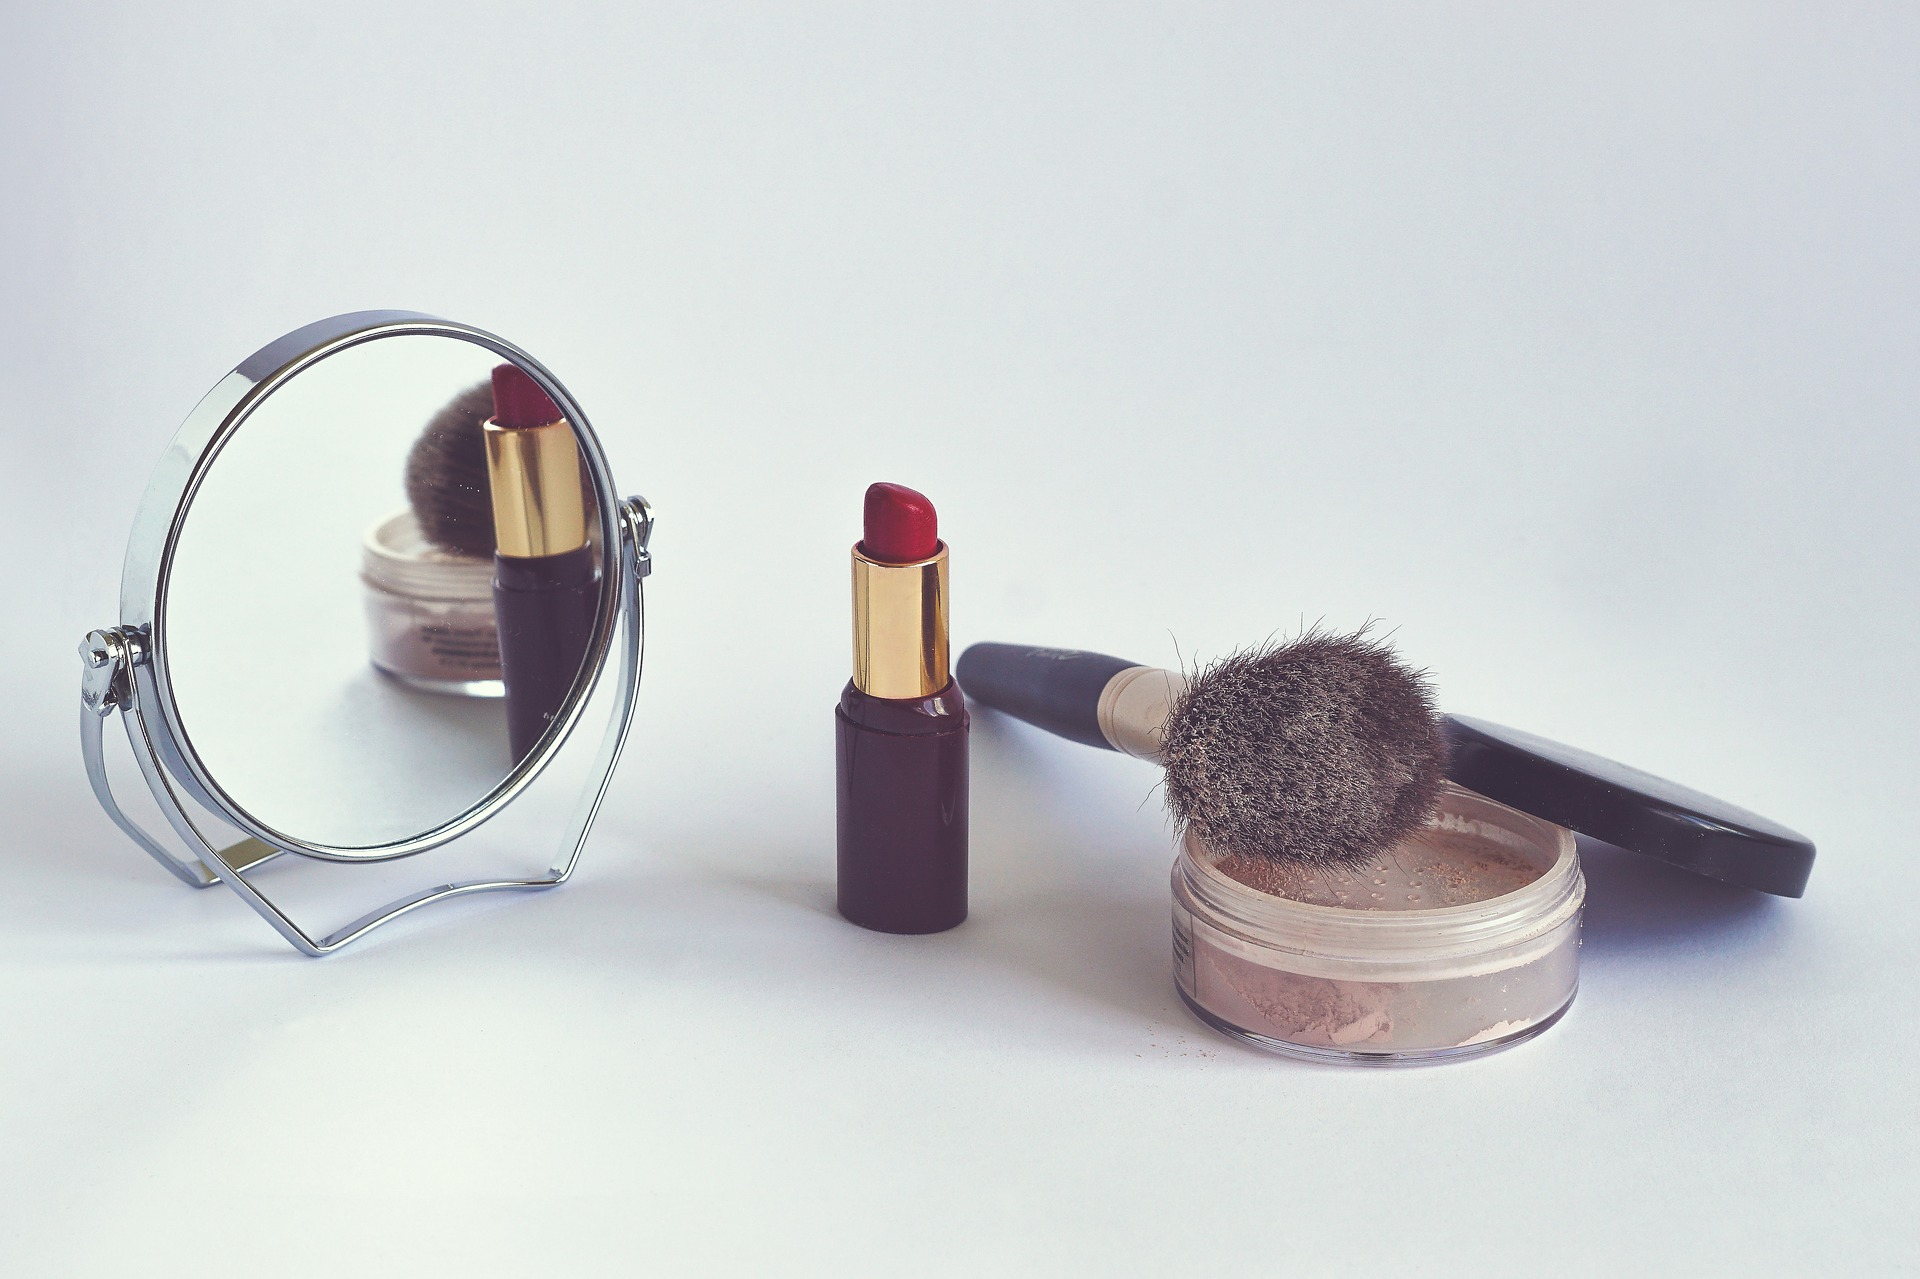 cosmetics 1543276 1920 - Productos oncológicos